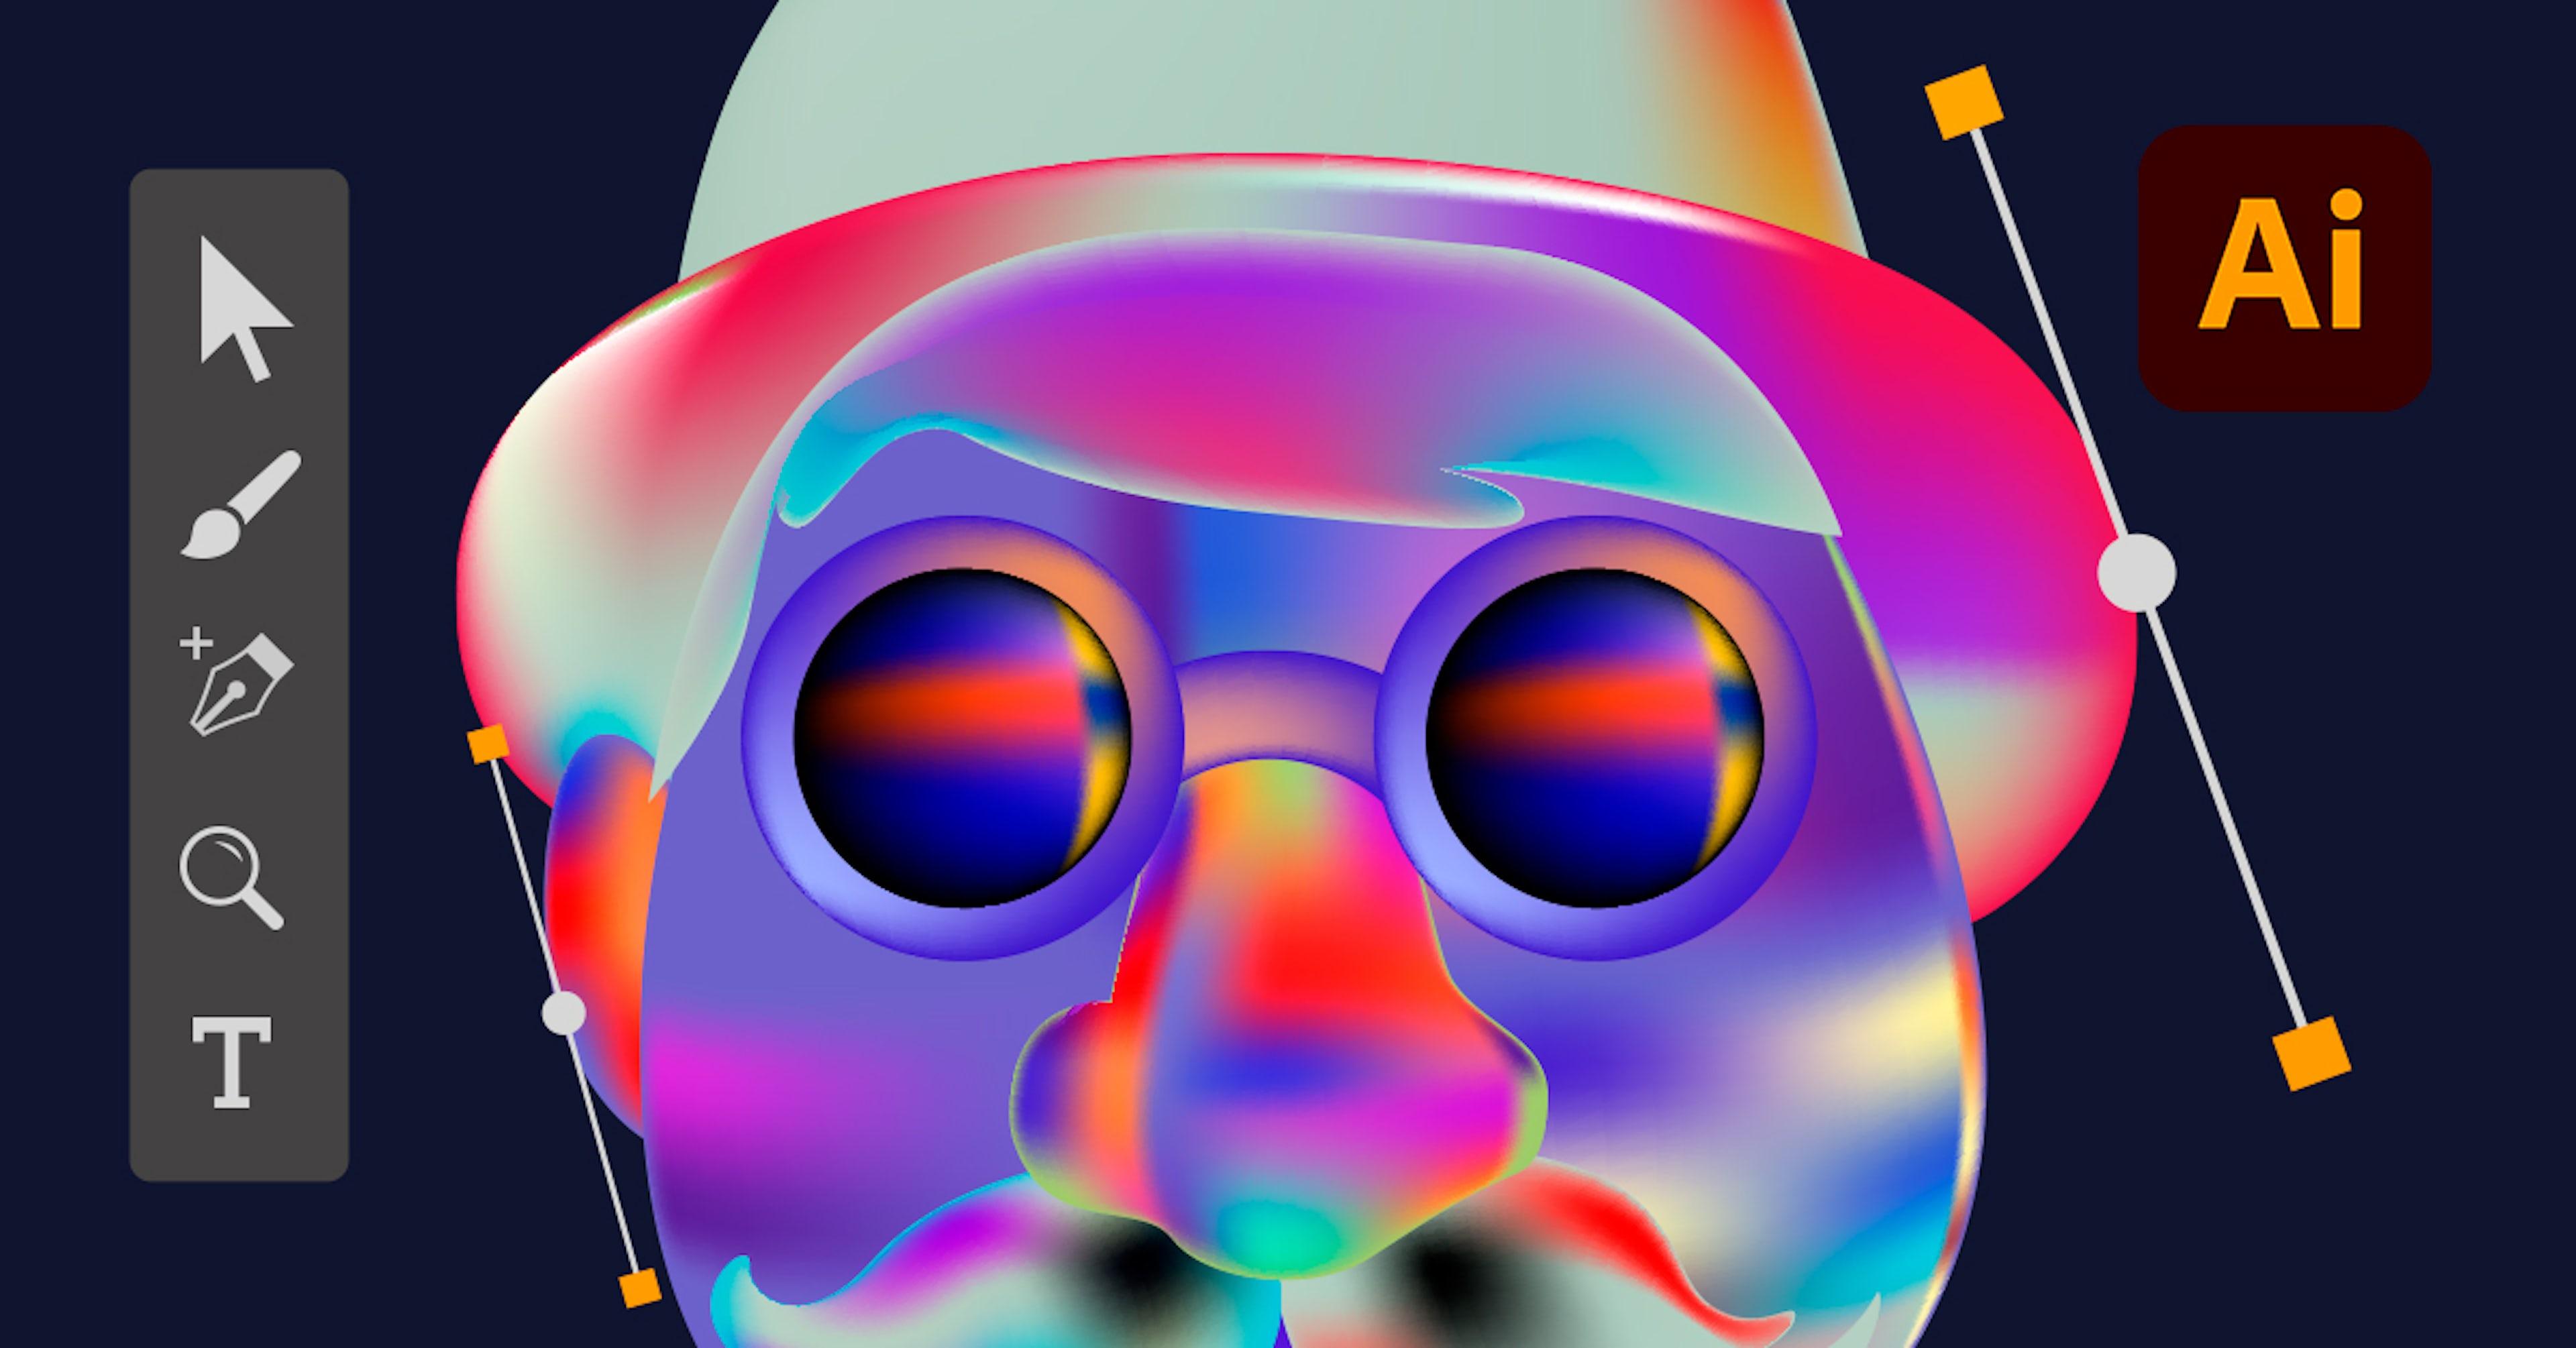 ¿Sabes qué puedes hacer con Adobe Illustrator? Apuntes para principiantes